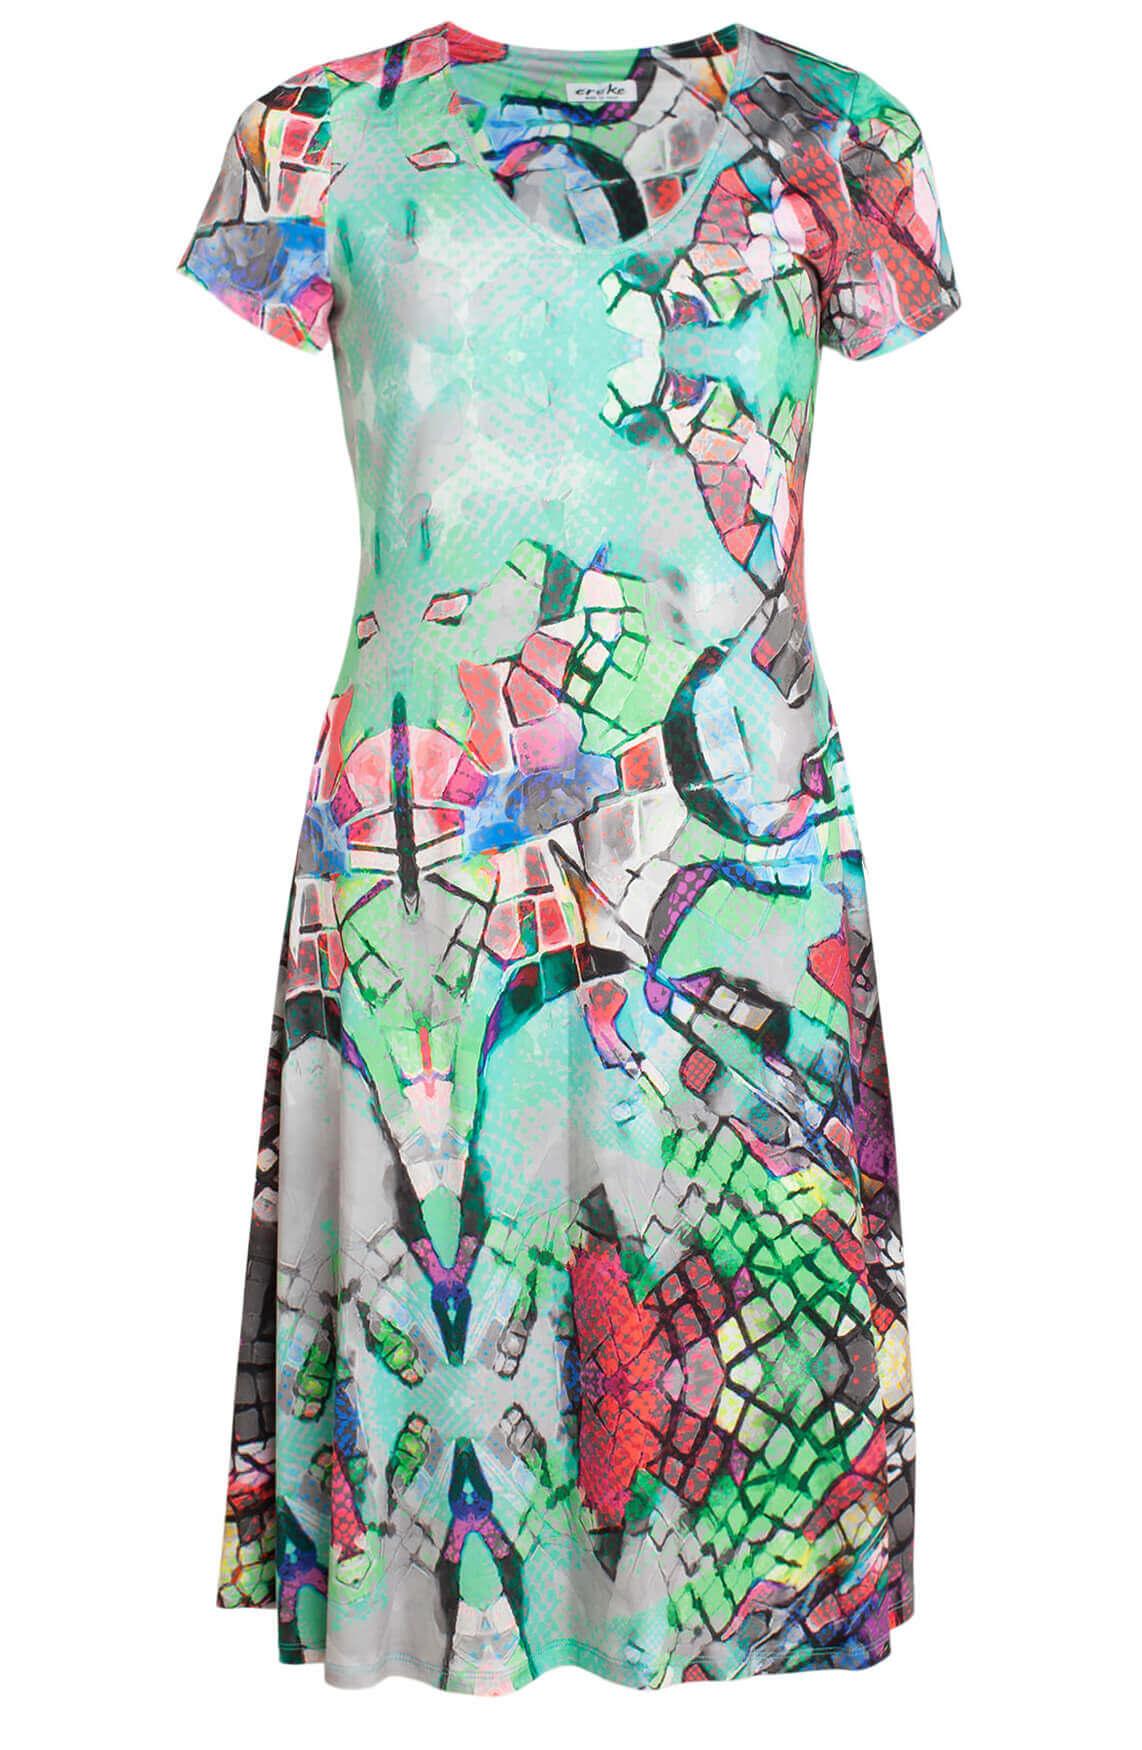 Eroke Dames Geprinte jurk groen